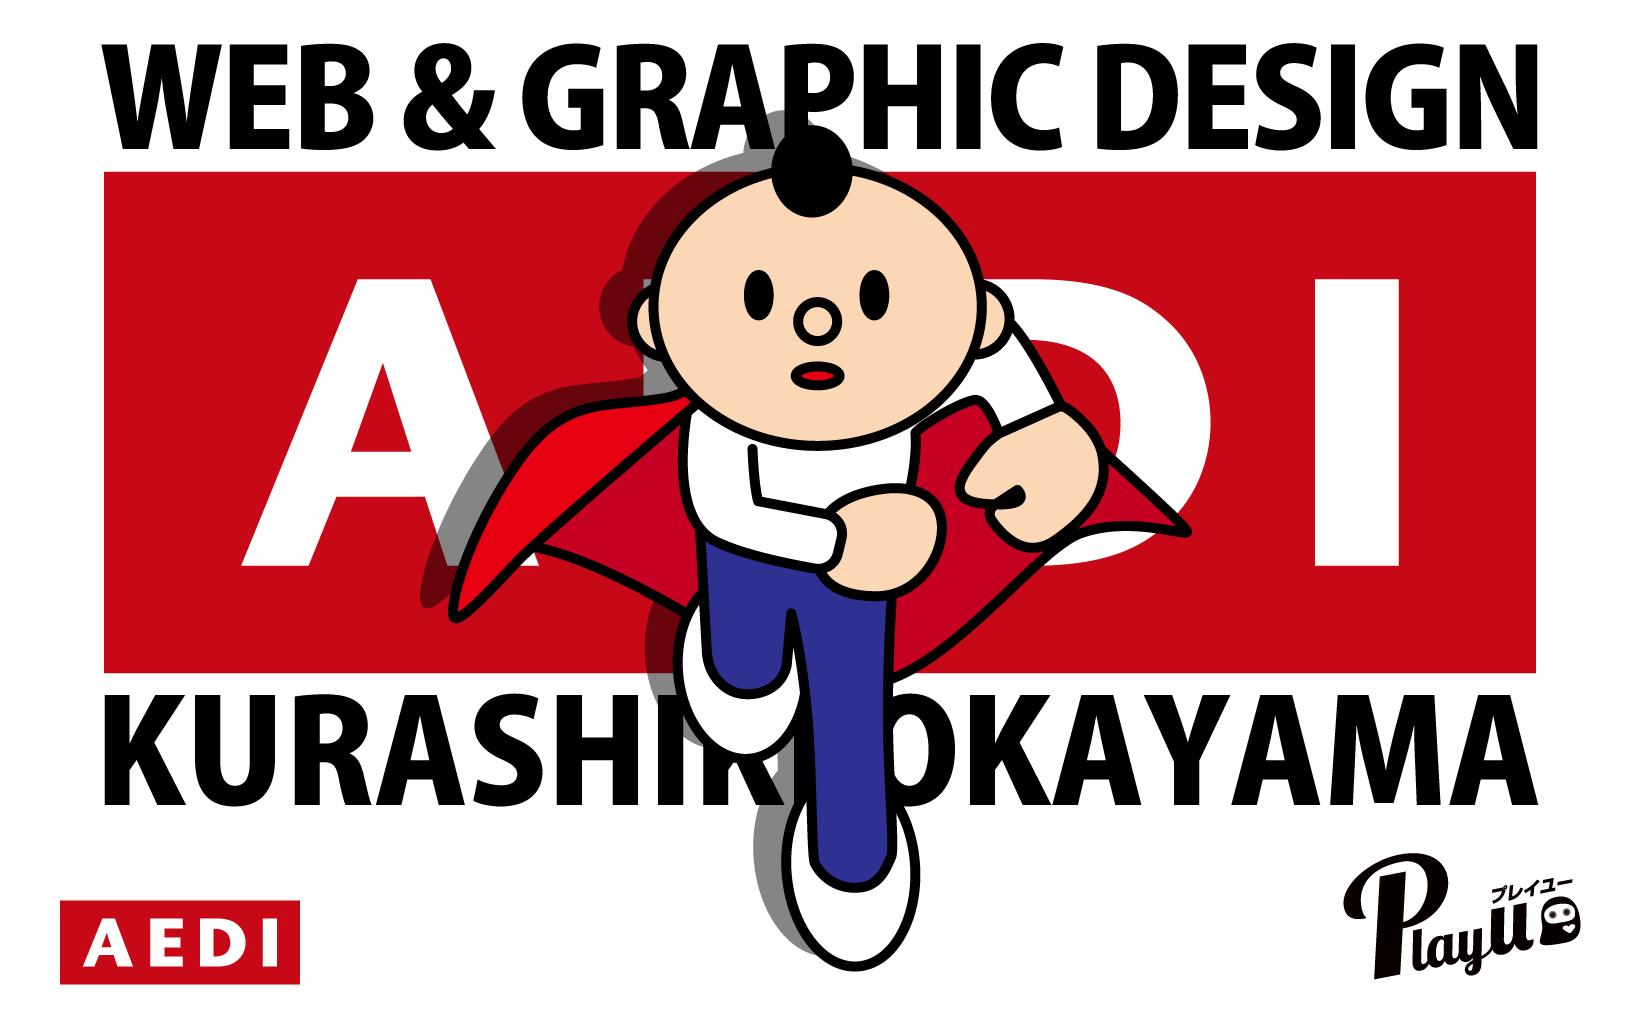 ヒーローのキャラクター Webデザインとグラフィックデザイン 岡山 倉敷